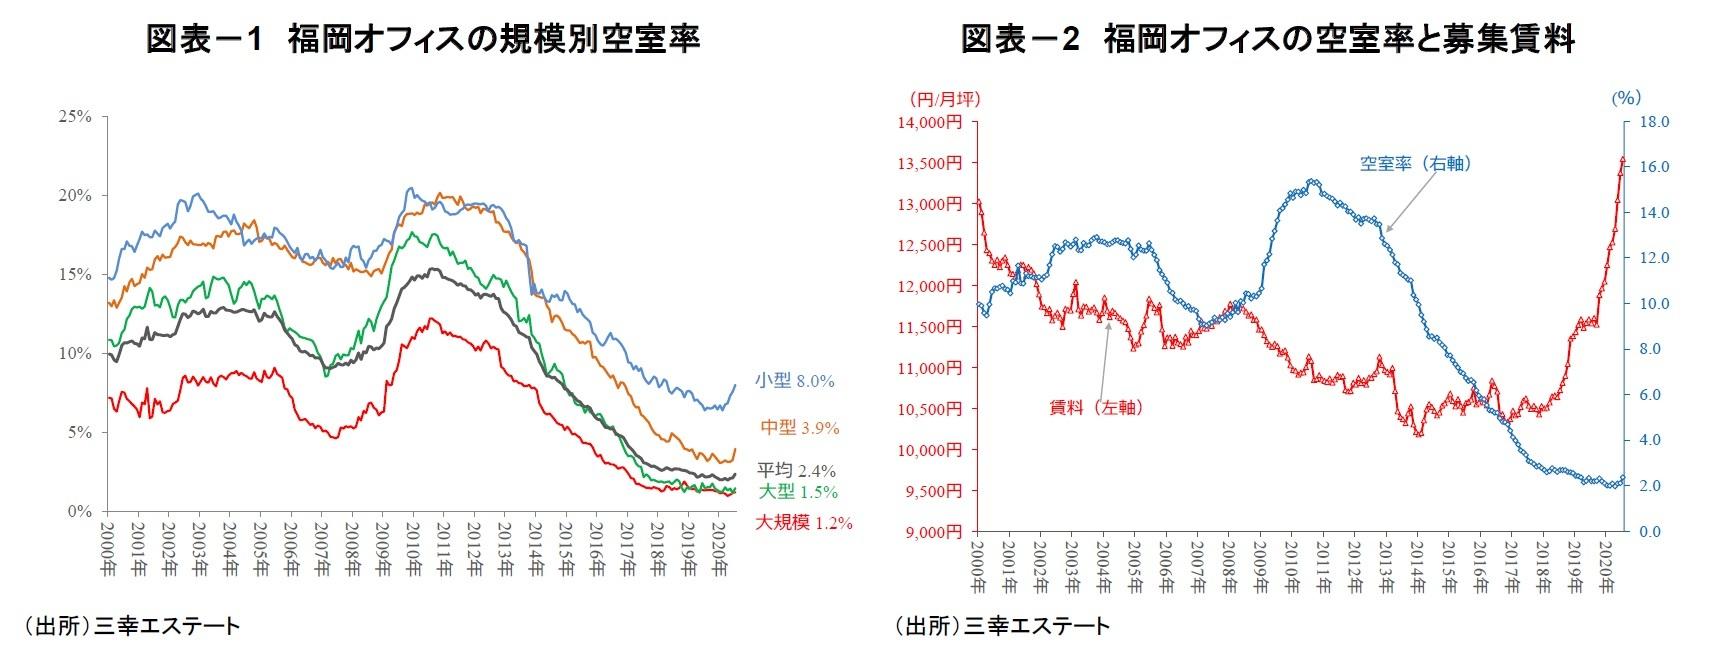 図表-1 福岡オフィスの規模別空室率/図表-2 福岡オフィスの空室率と募集賃料